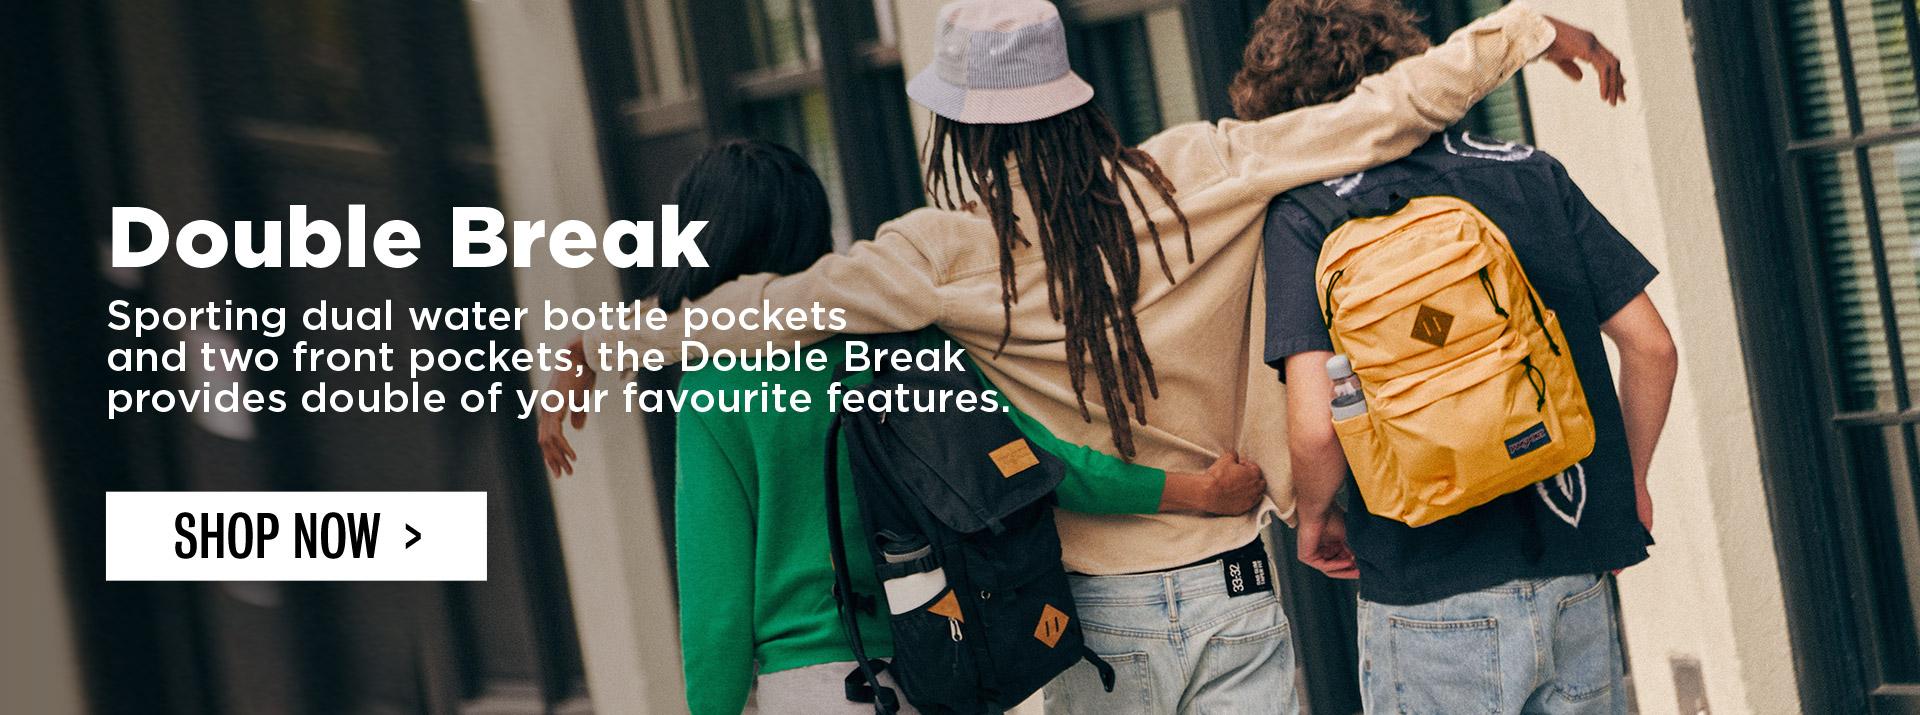 Double Break